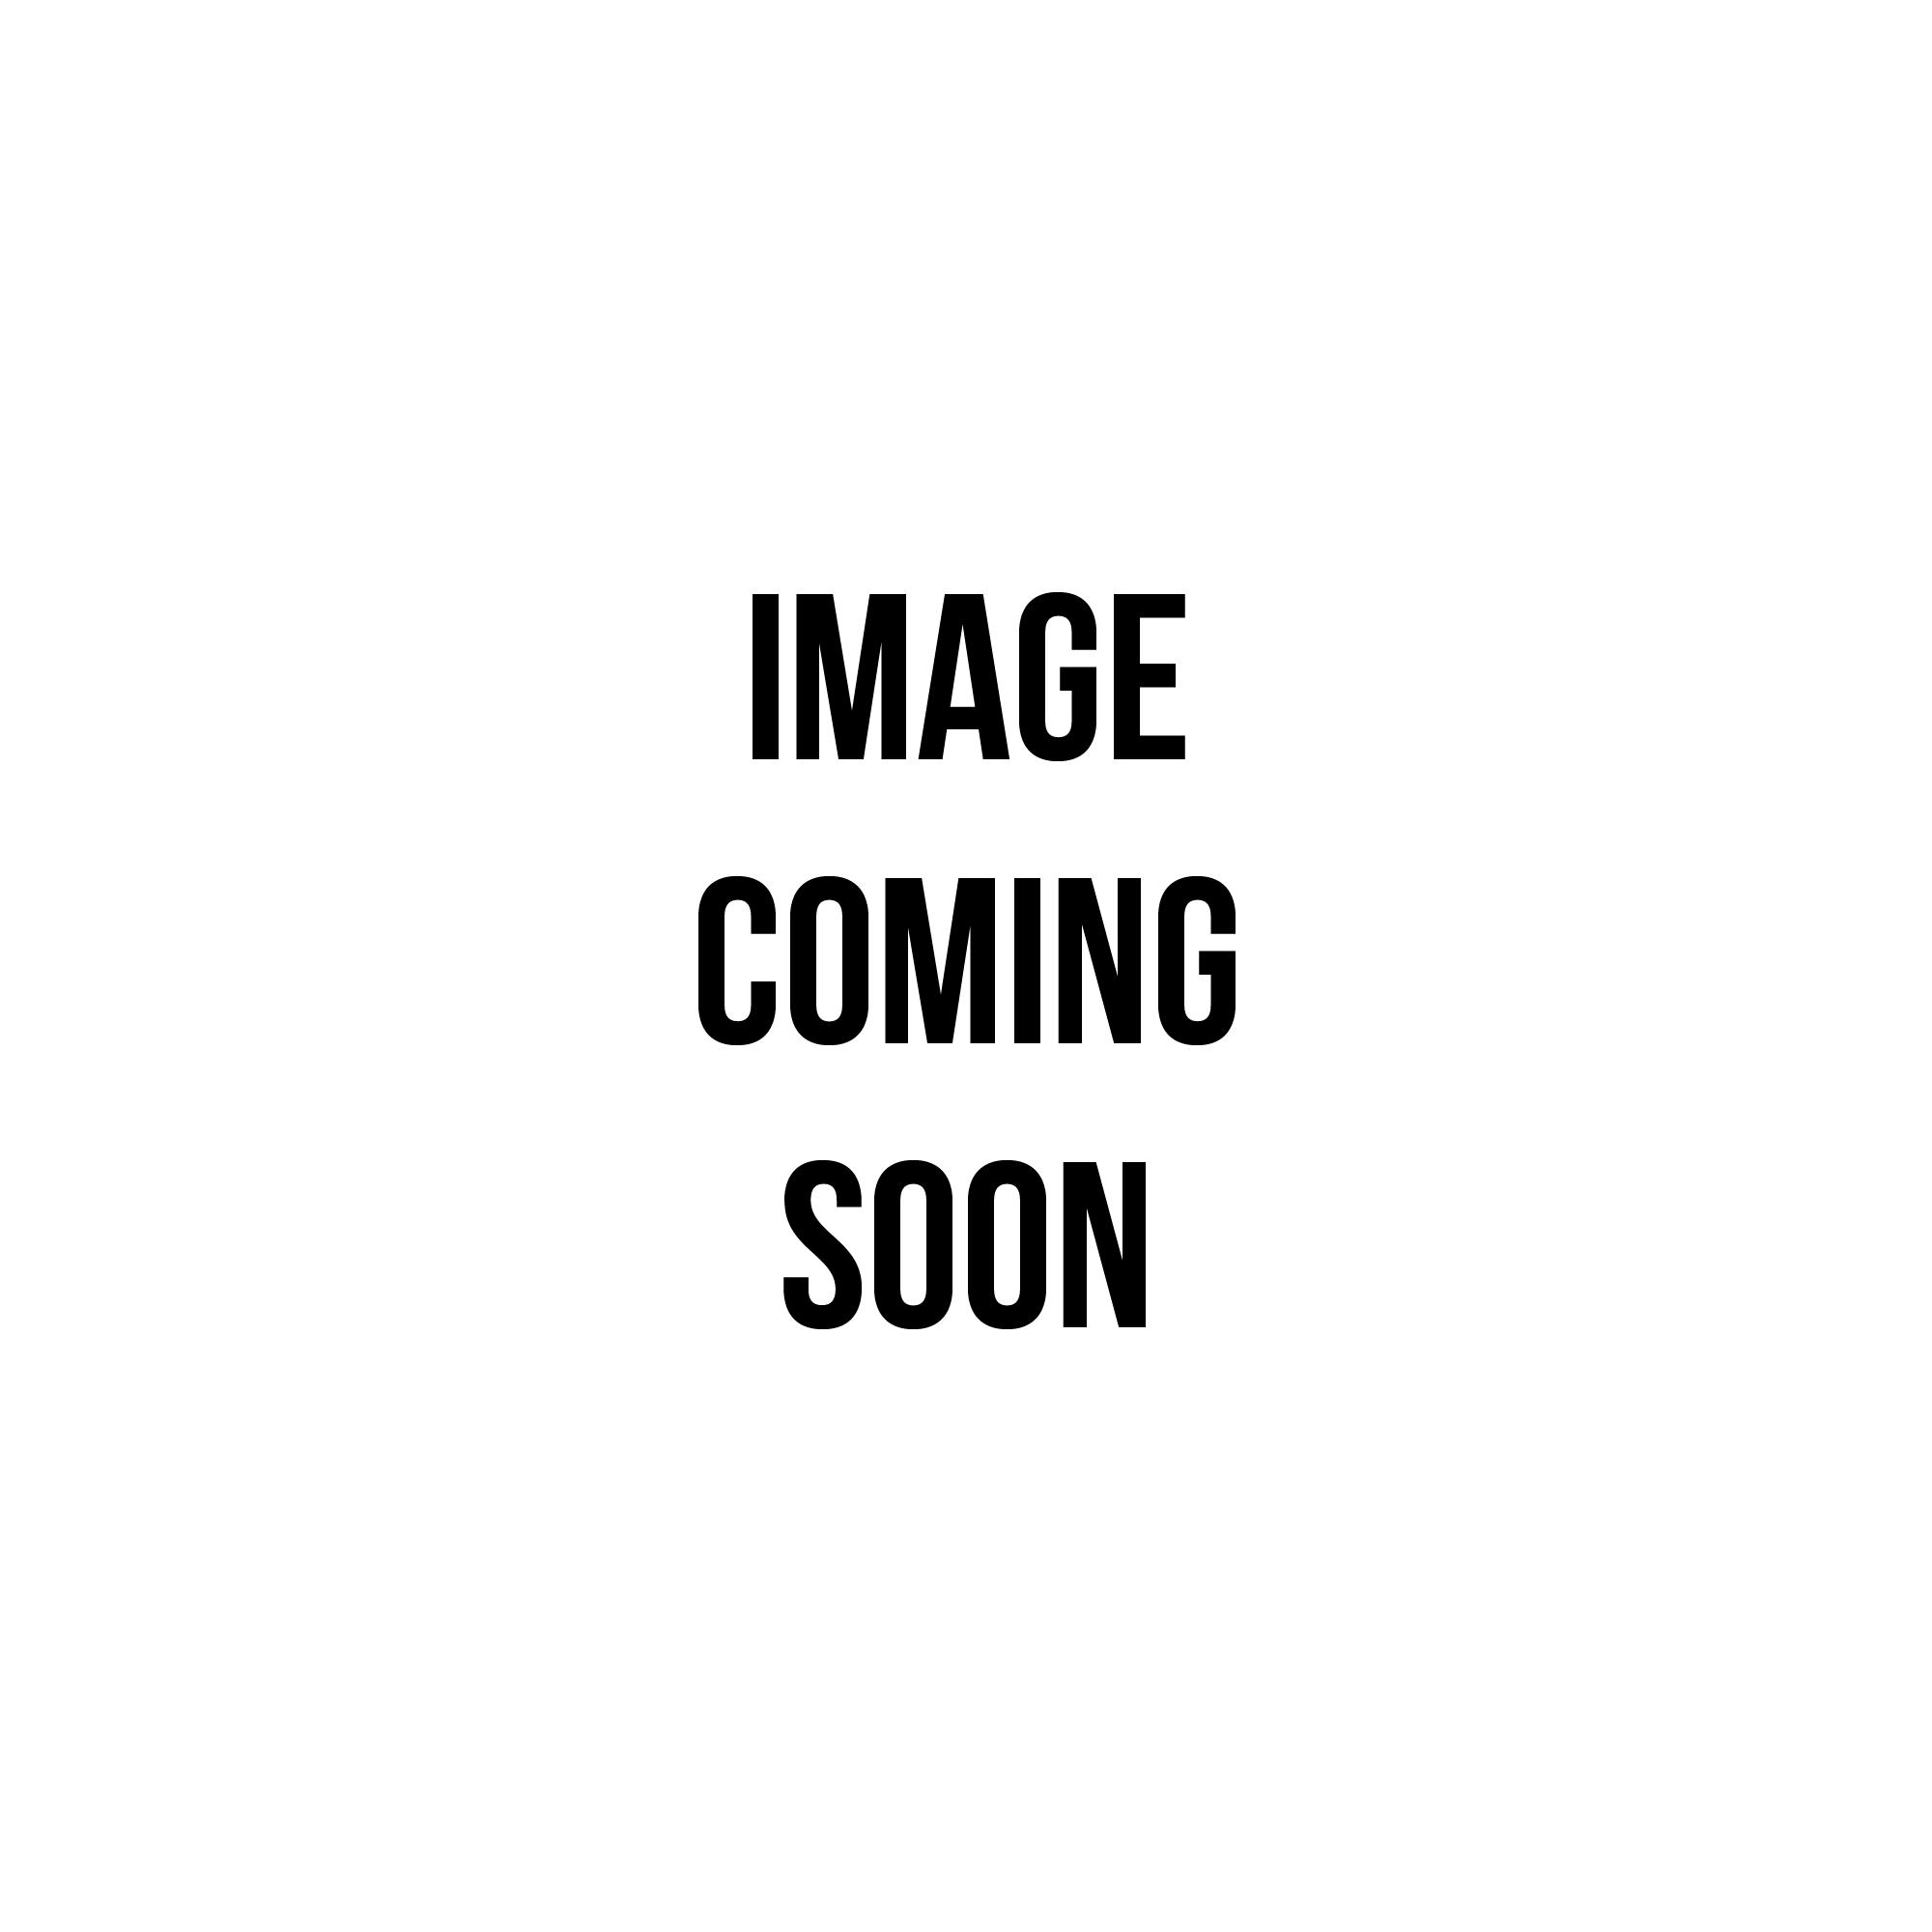 aclaramiento gran sorpresa mejor auténtica Nike Zoom Air Pegasus 34 Para Mujer Revisiones En Tomar Testosterona edición limitada barato gran sorpresa ZNu6sRFs5S